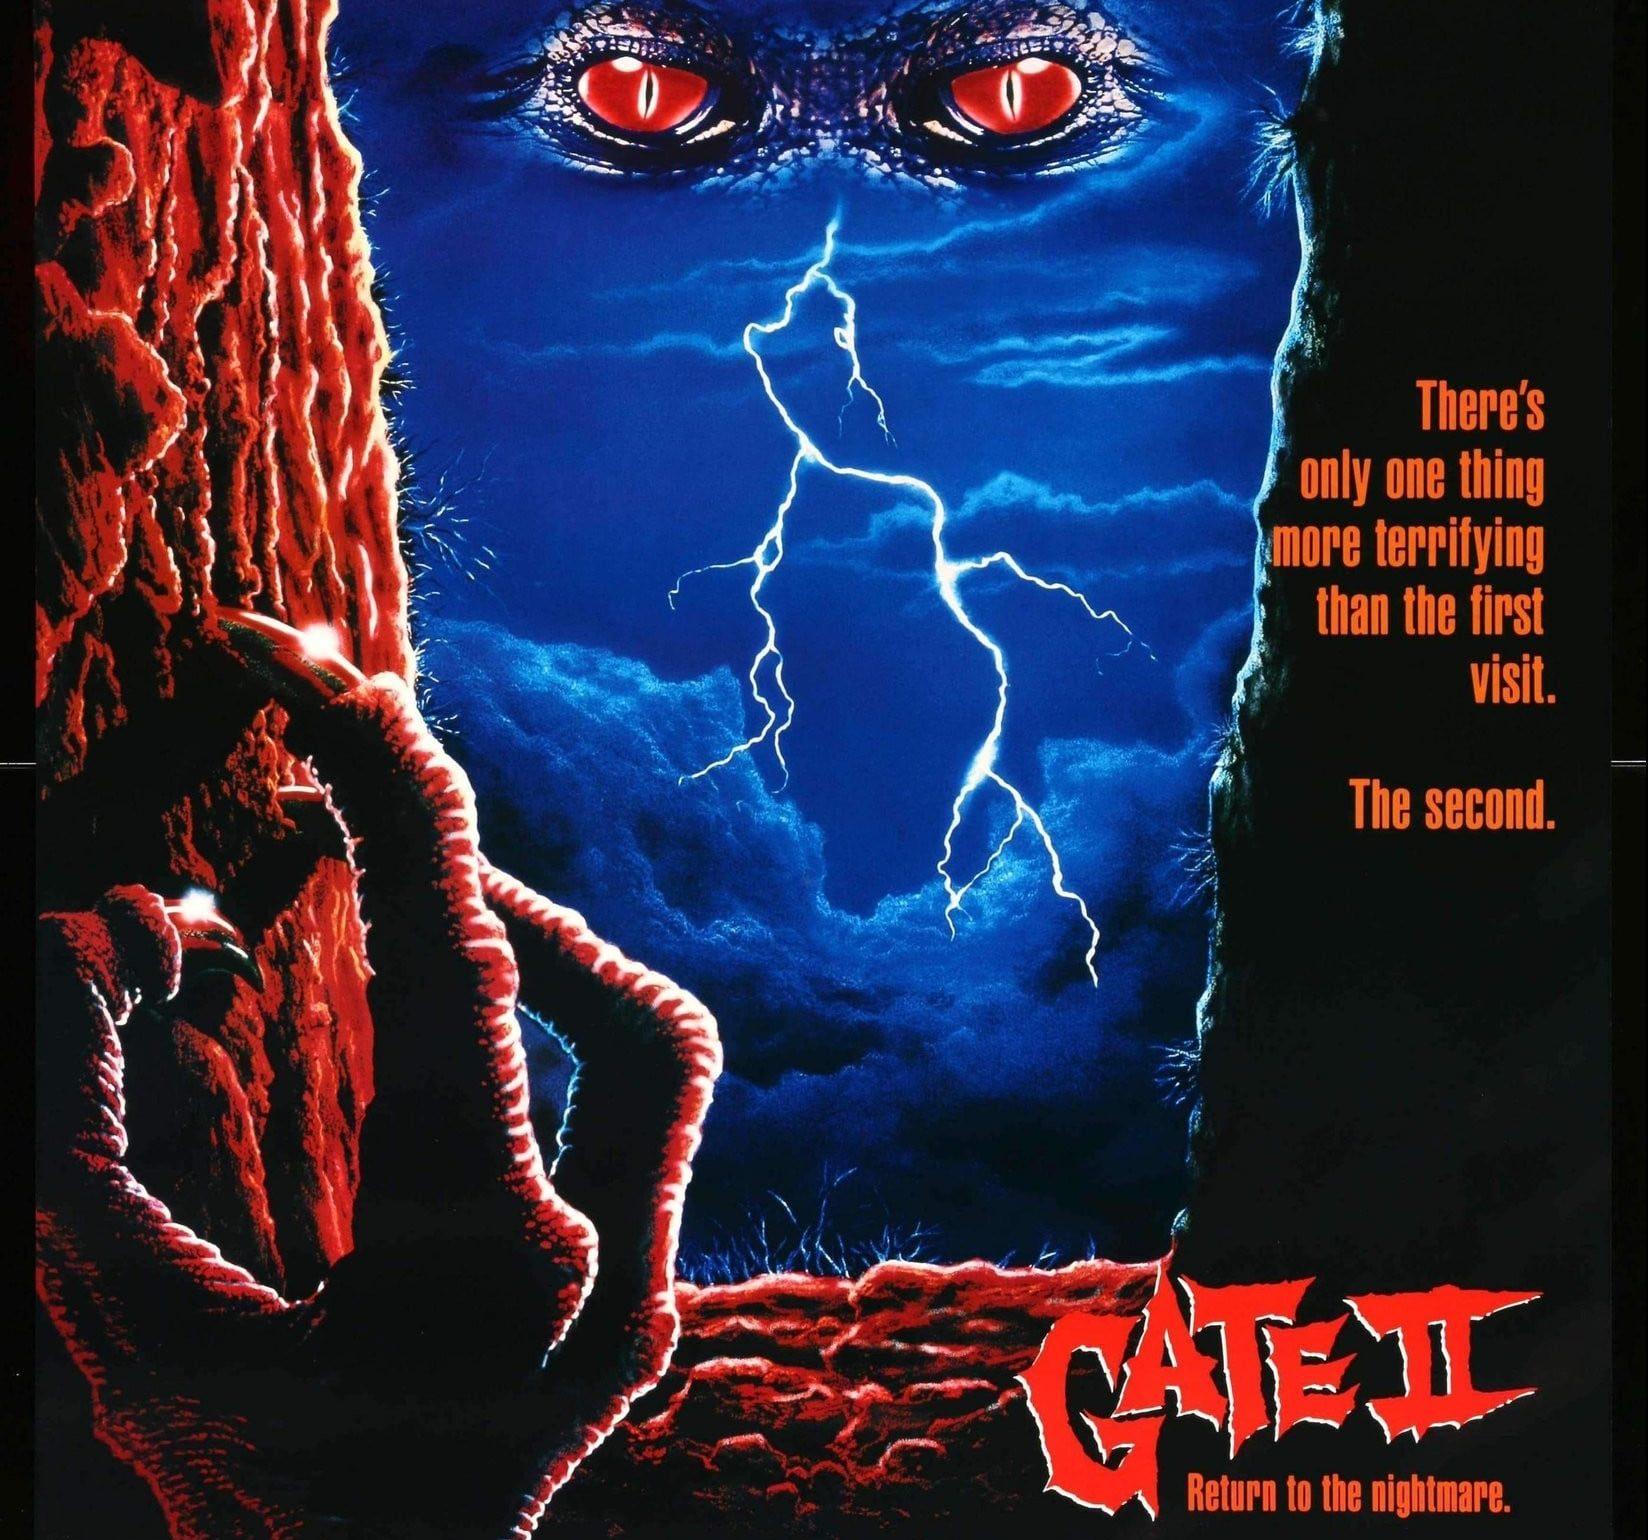 Gate 2 1992 original film art spo 5000x e1622128661977 Sequels To 80s Movies You Never Even Knew Existed